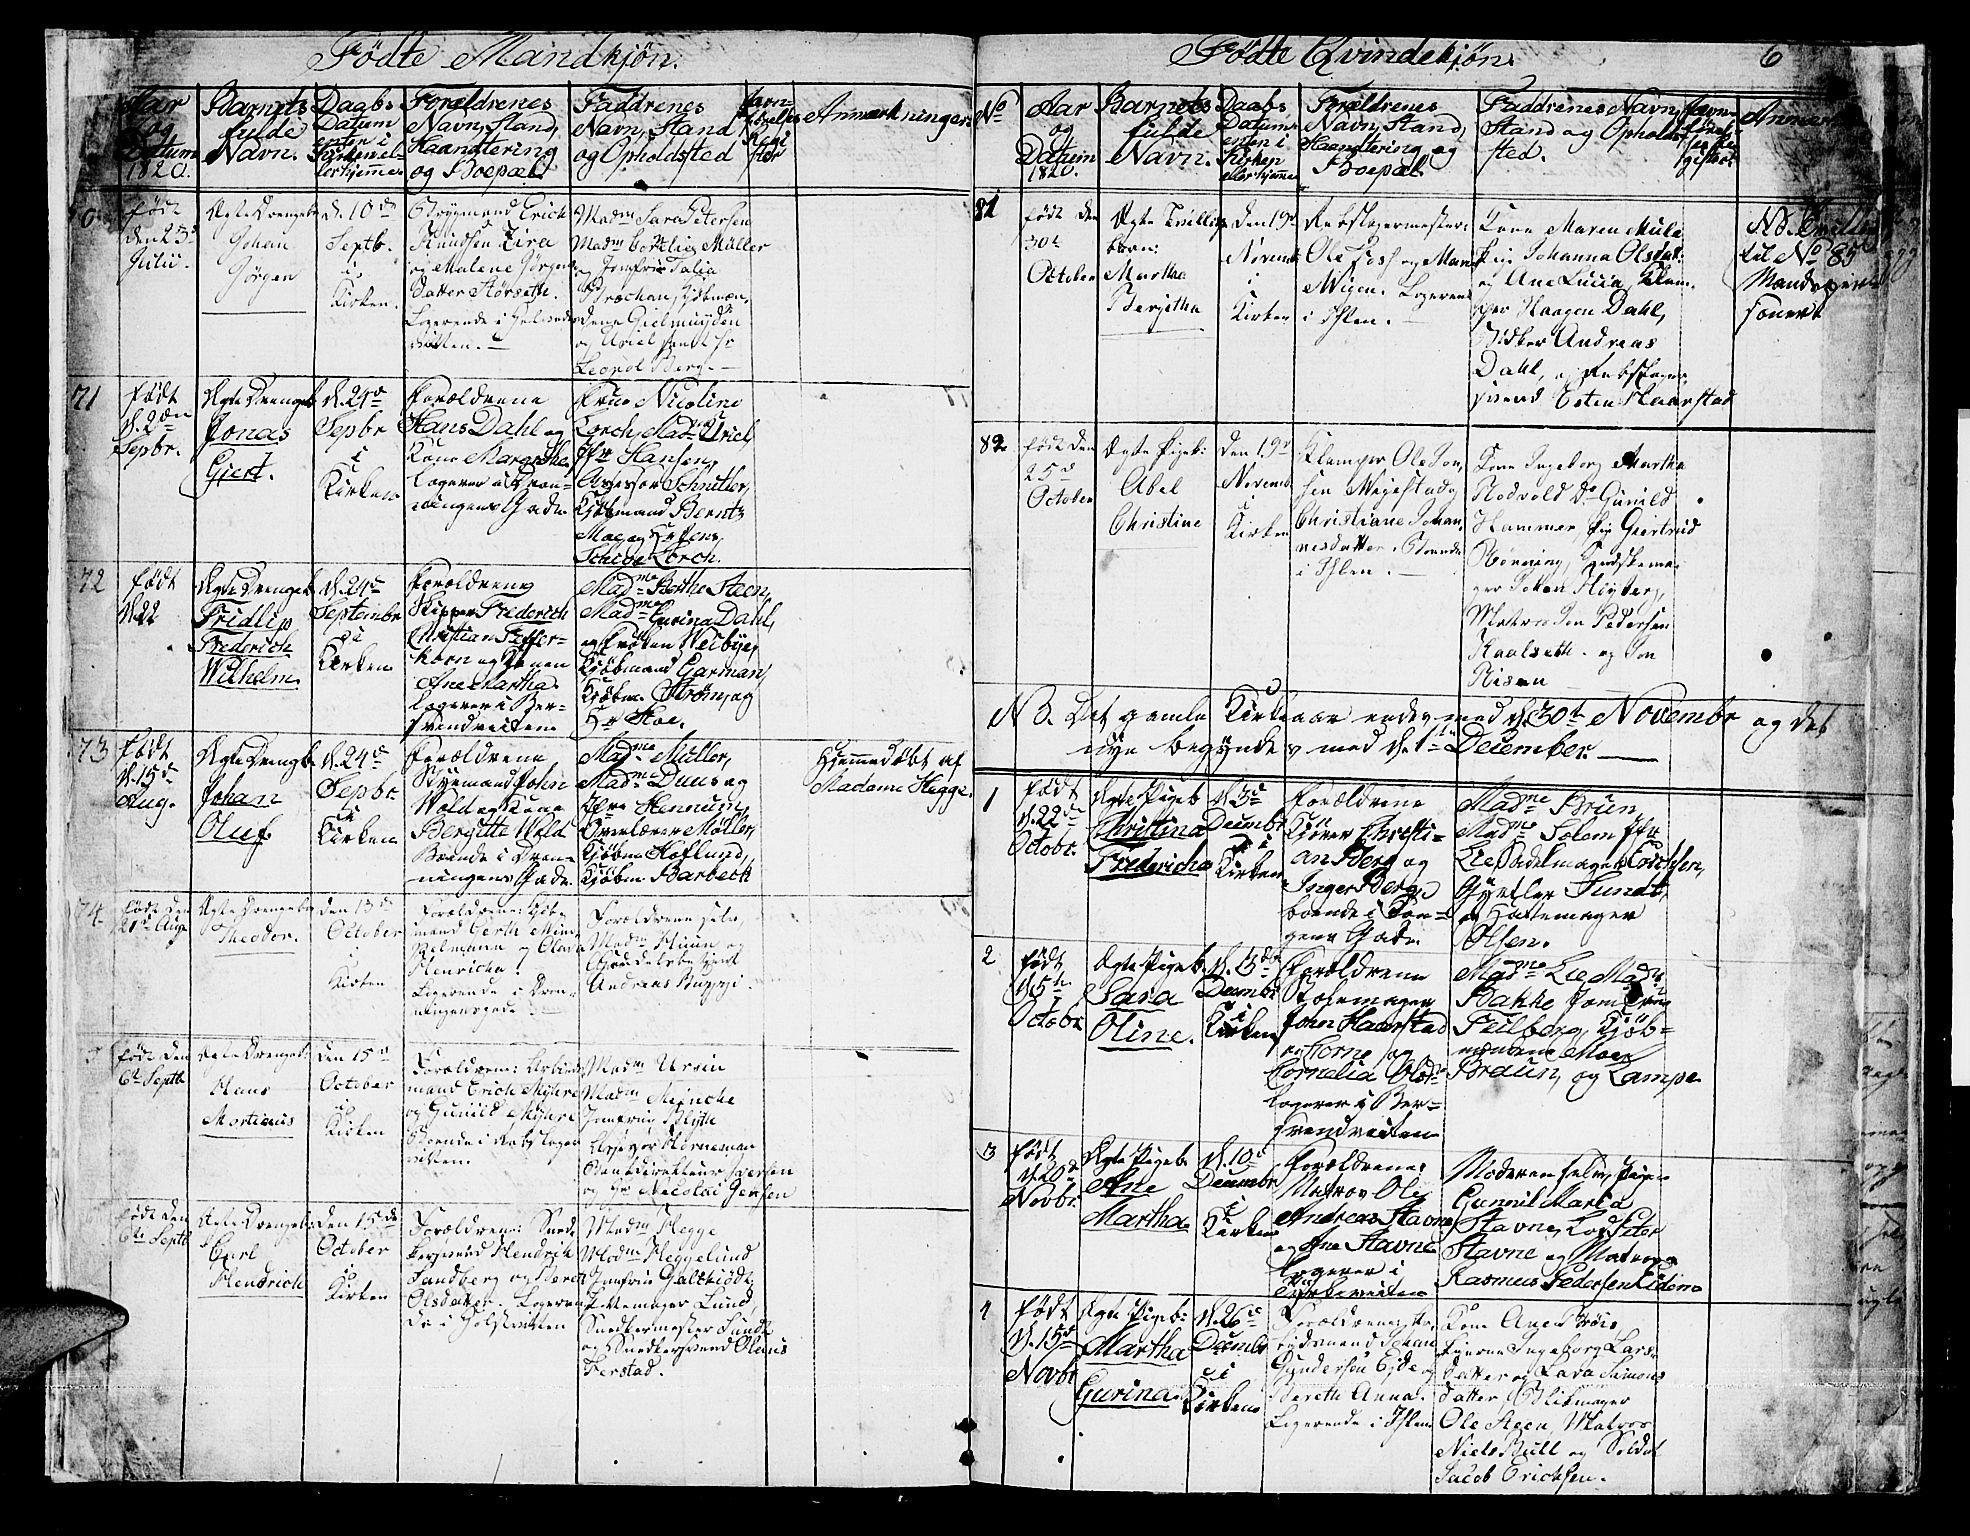 SAT, Ministerialprotokoller, klokkerbøker og fødselsregistre - Sør-Trøndelag, 601/L0044: Ministerialbok nr. 601A12, 1820-1821, s. 6